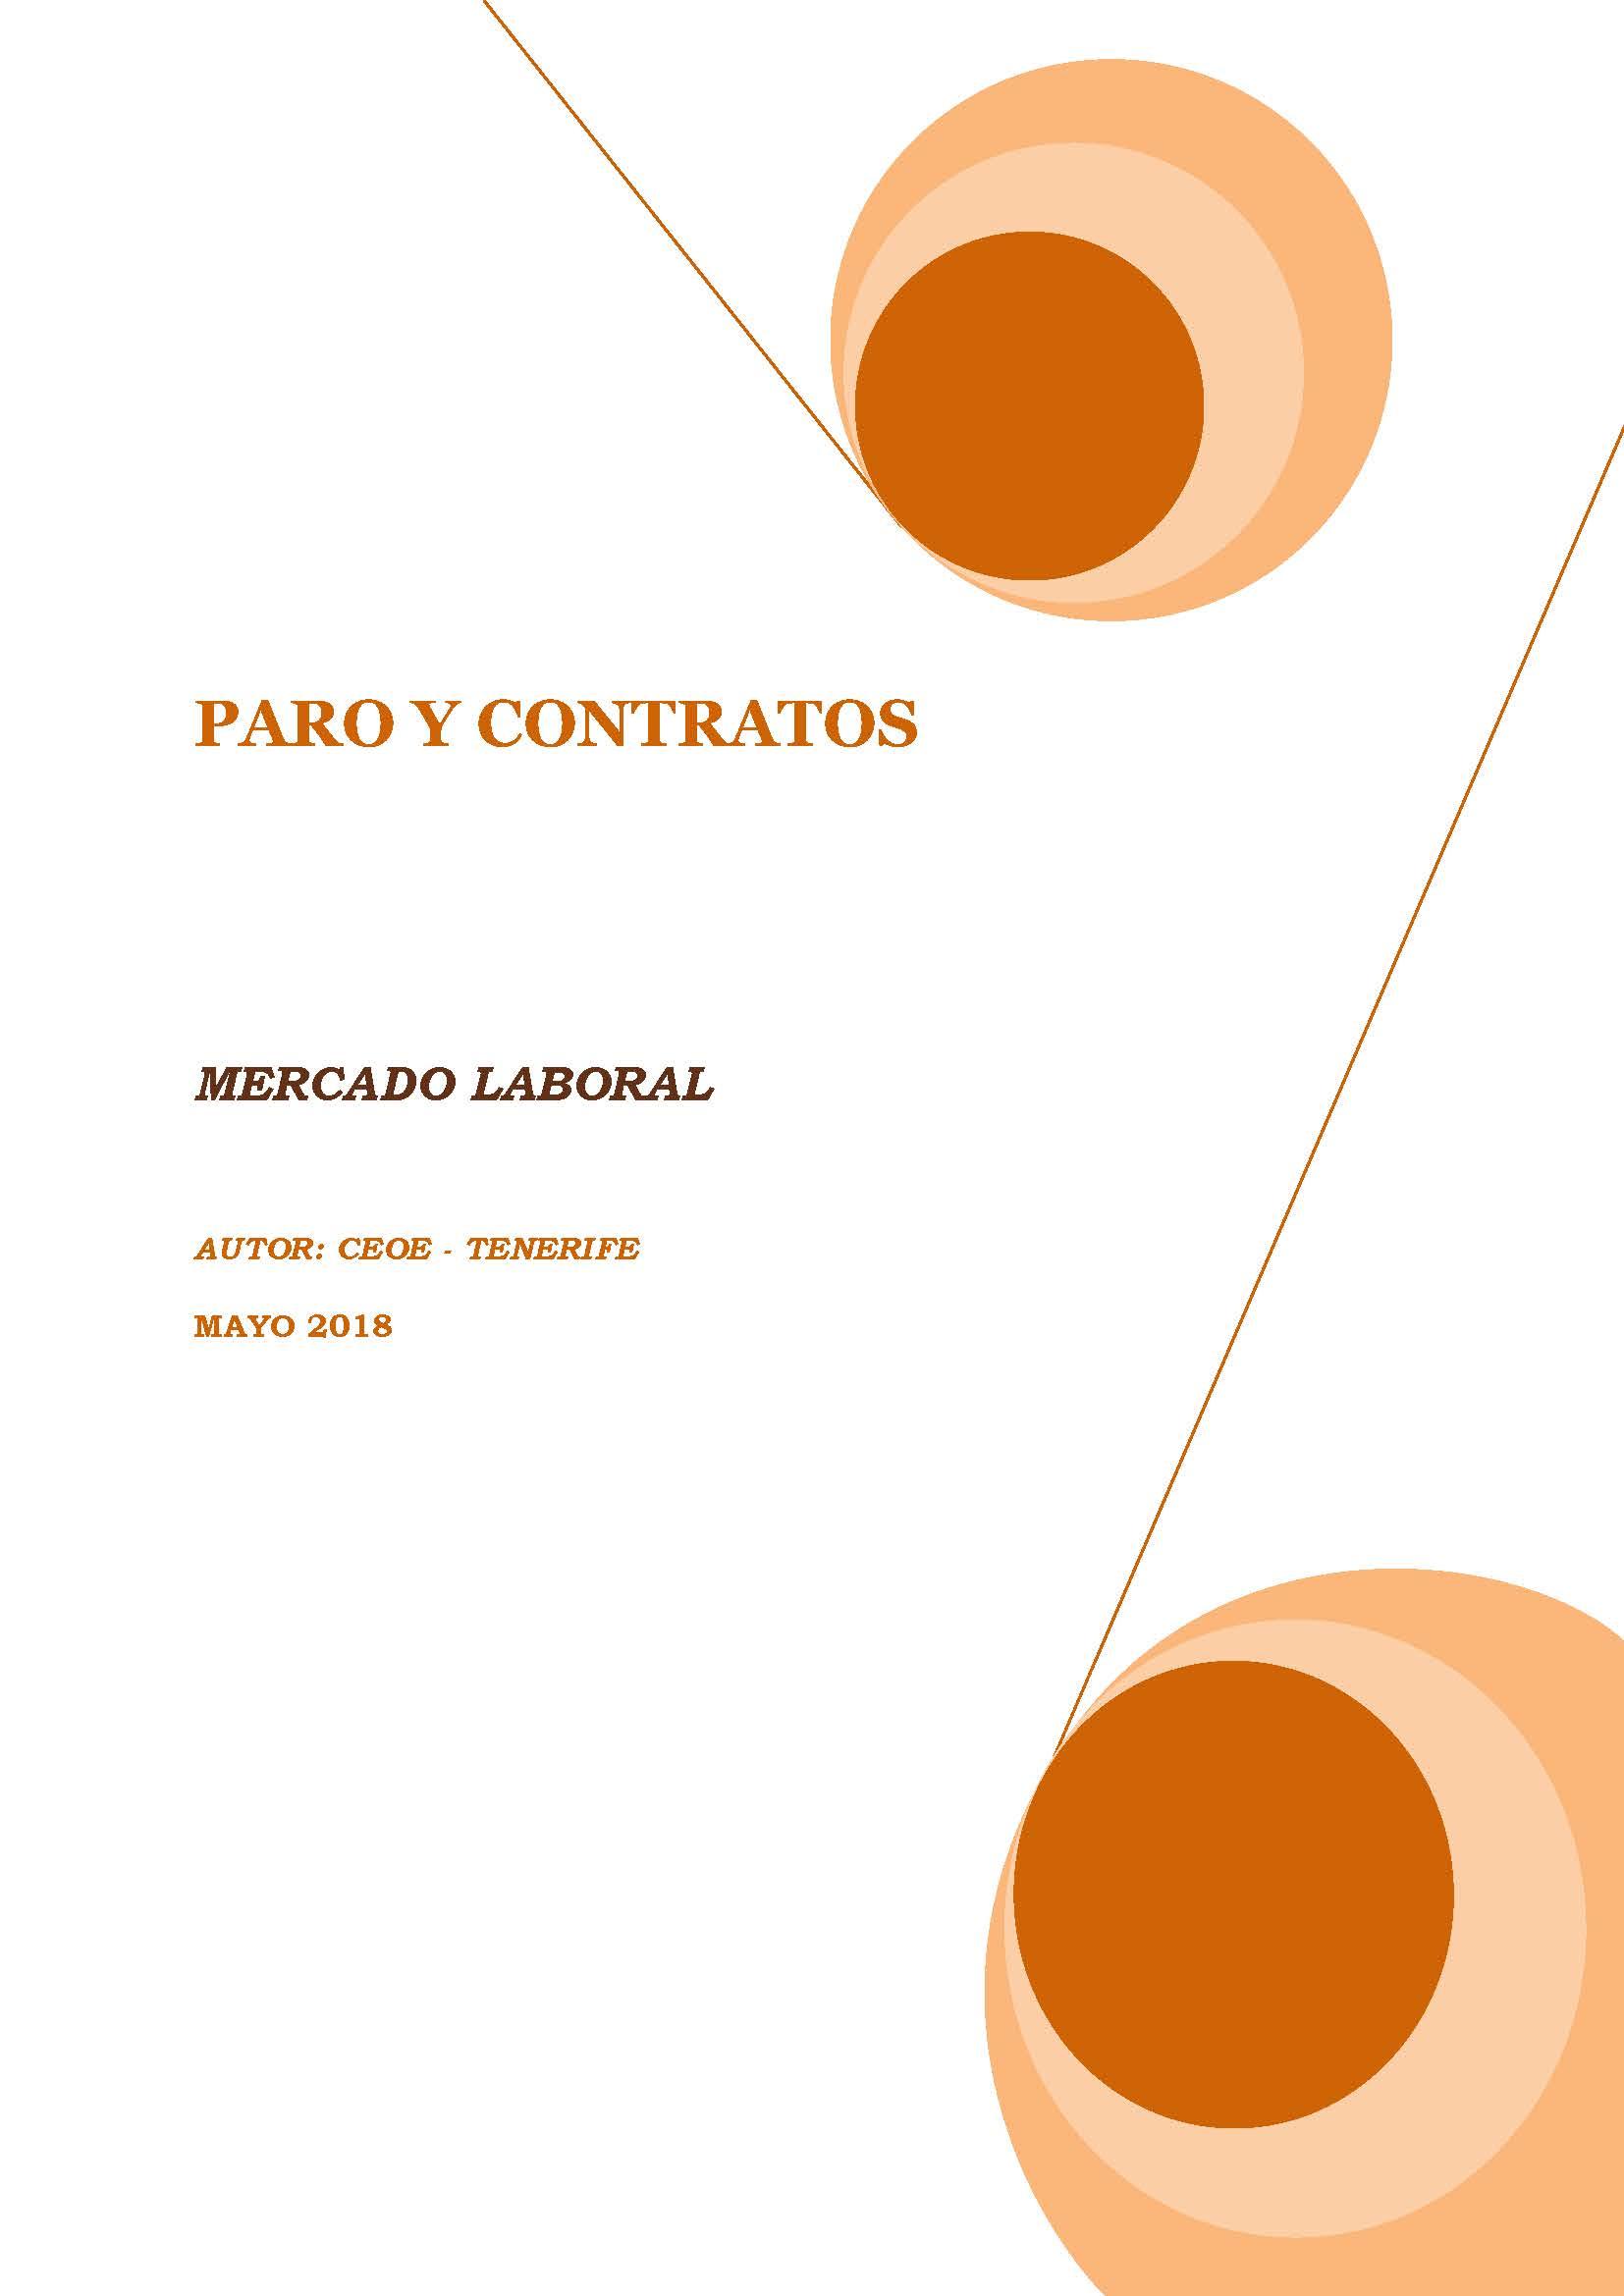 MERCADO LABORAL - PARO Y CONTRATOS MAYO 2018